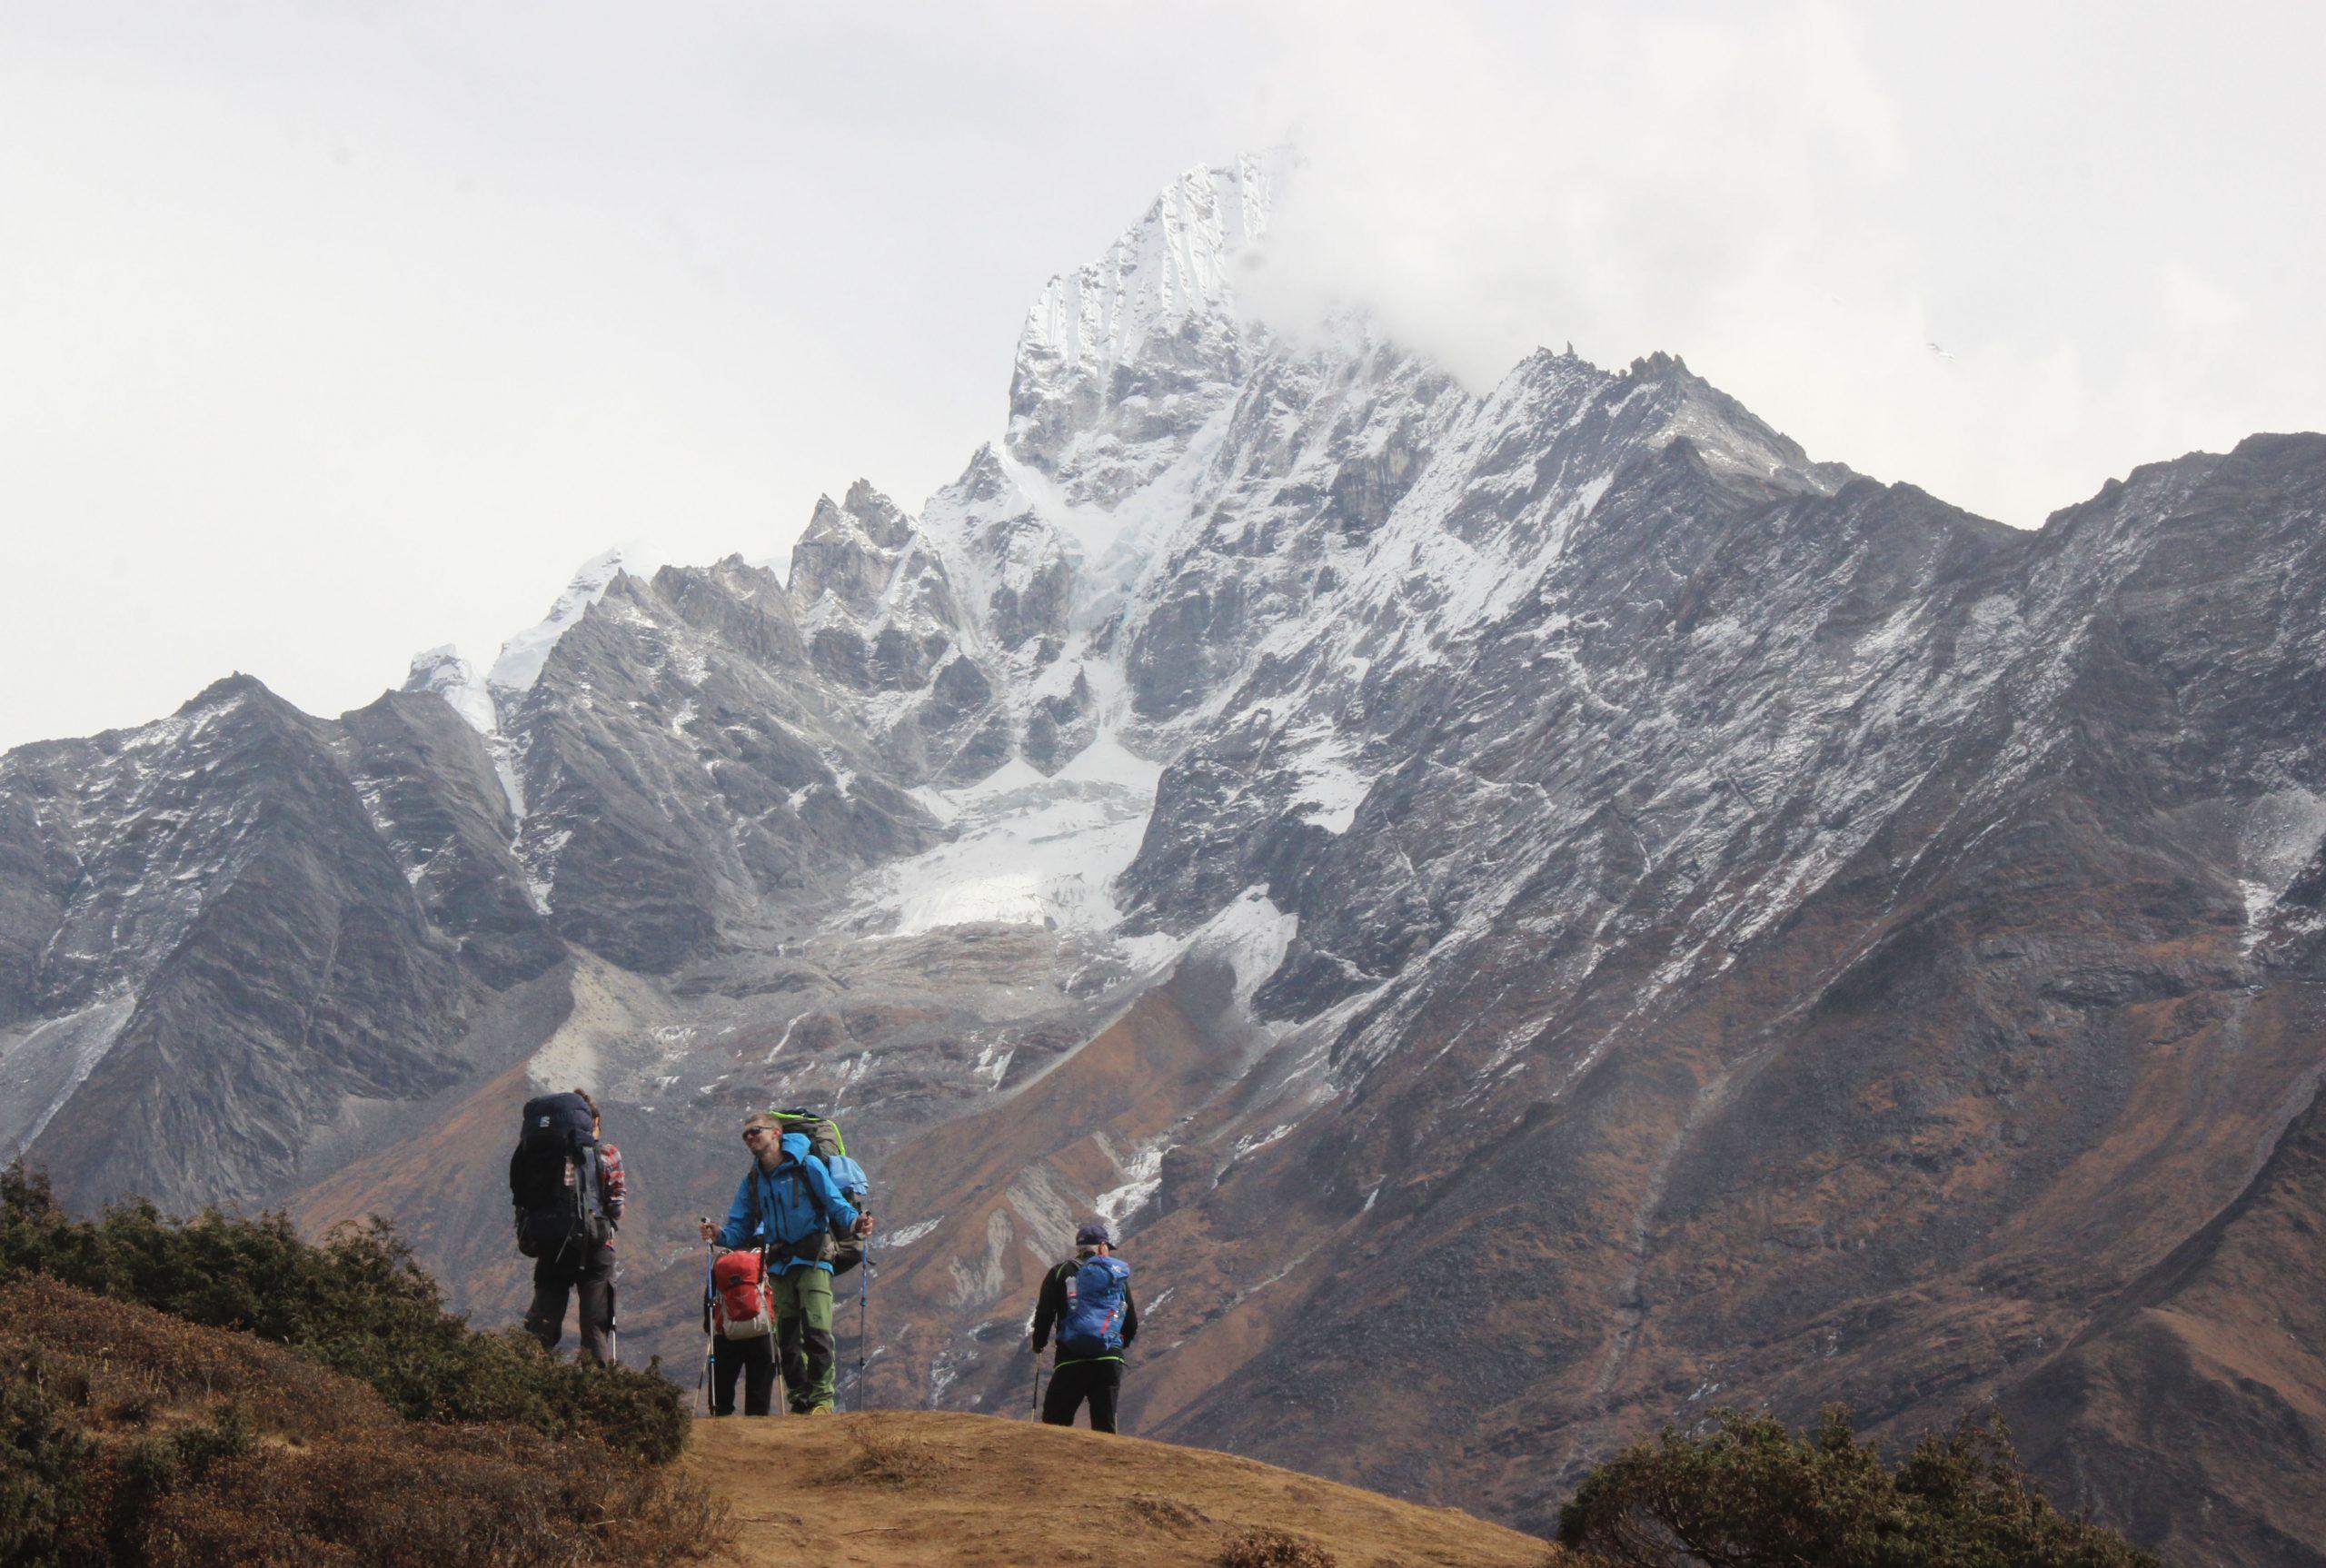 Turistas podrán viajar por carretera a región de monte Qomolangma gracias a nuevo puente